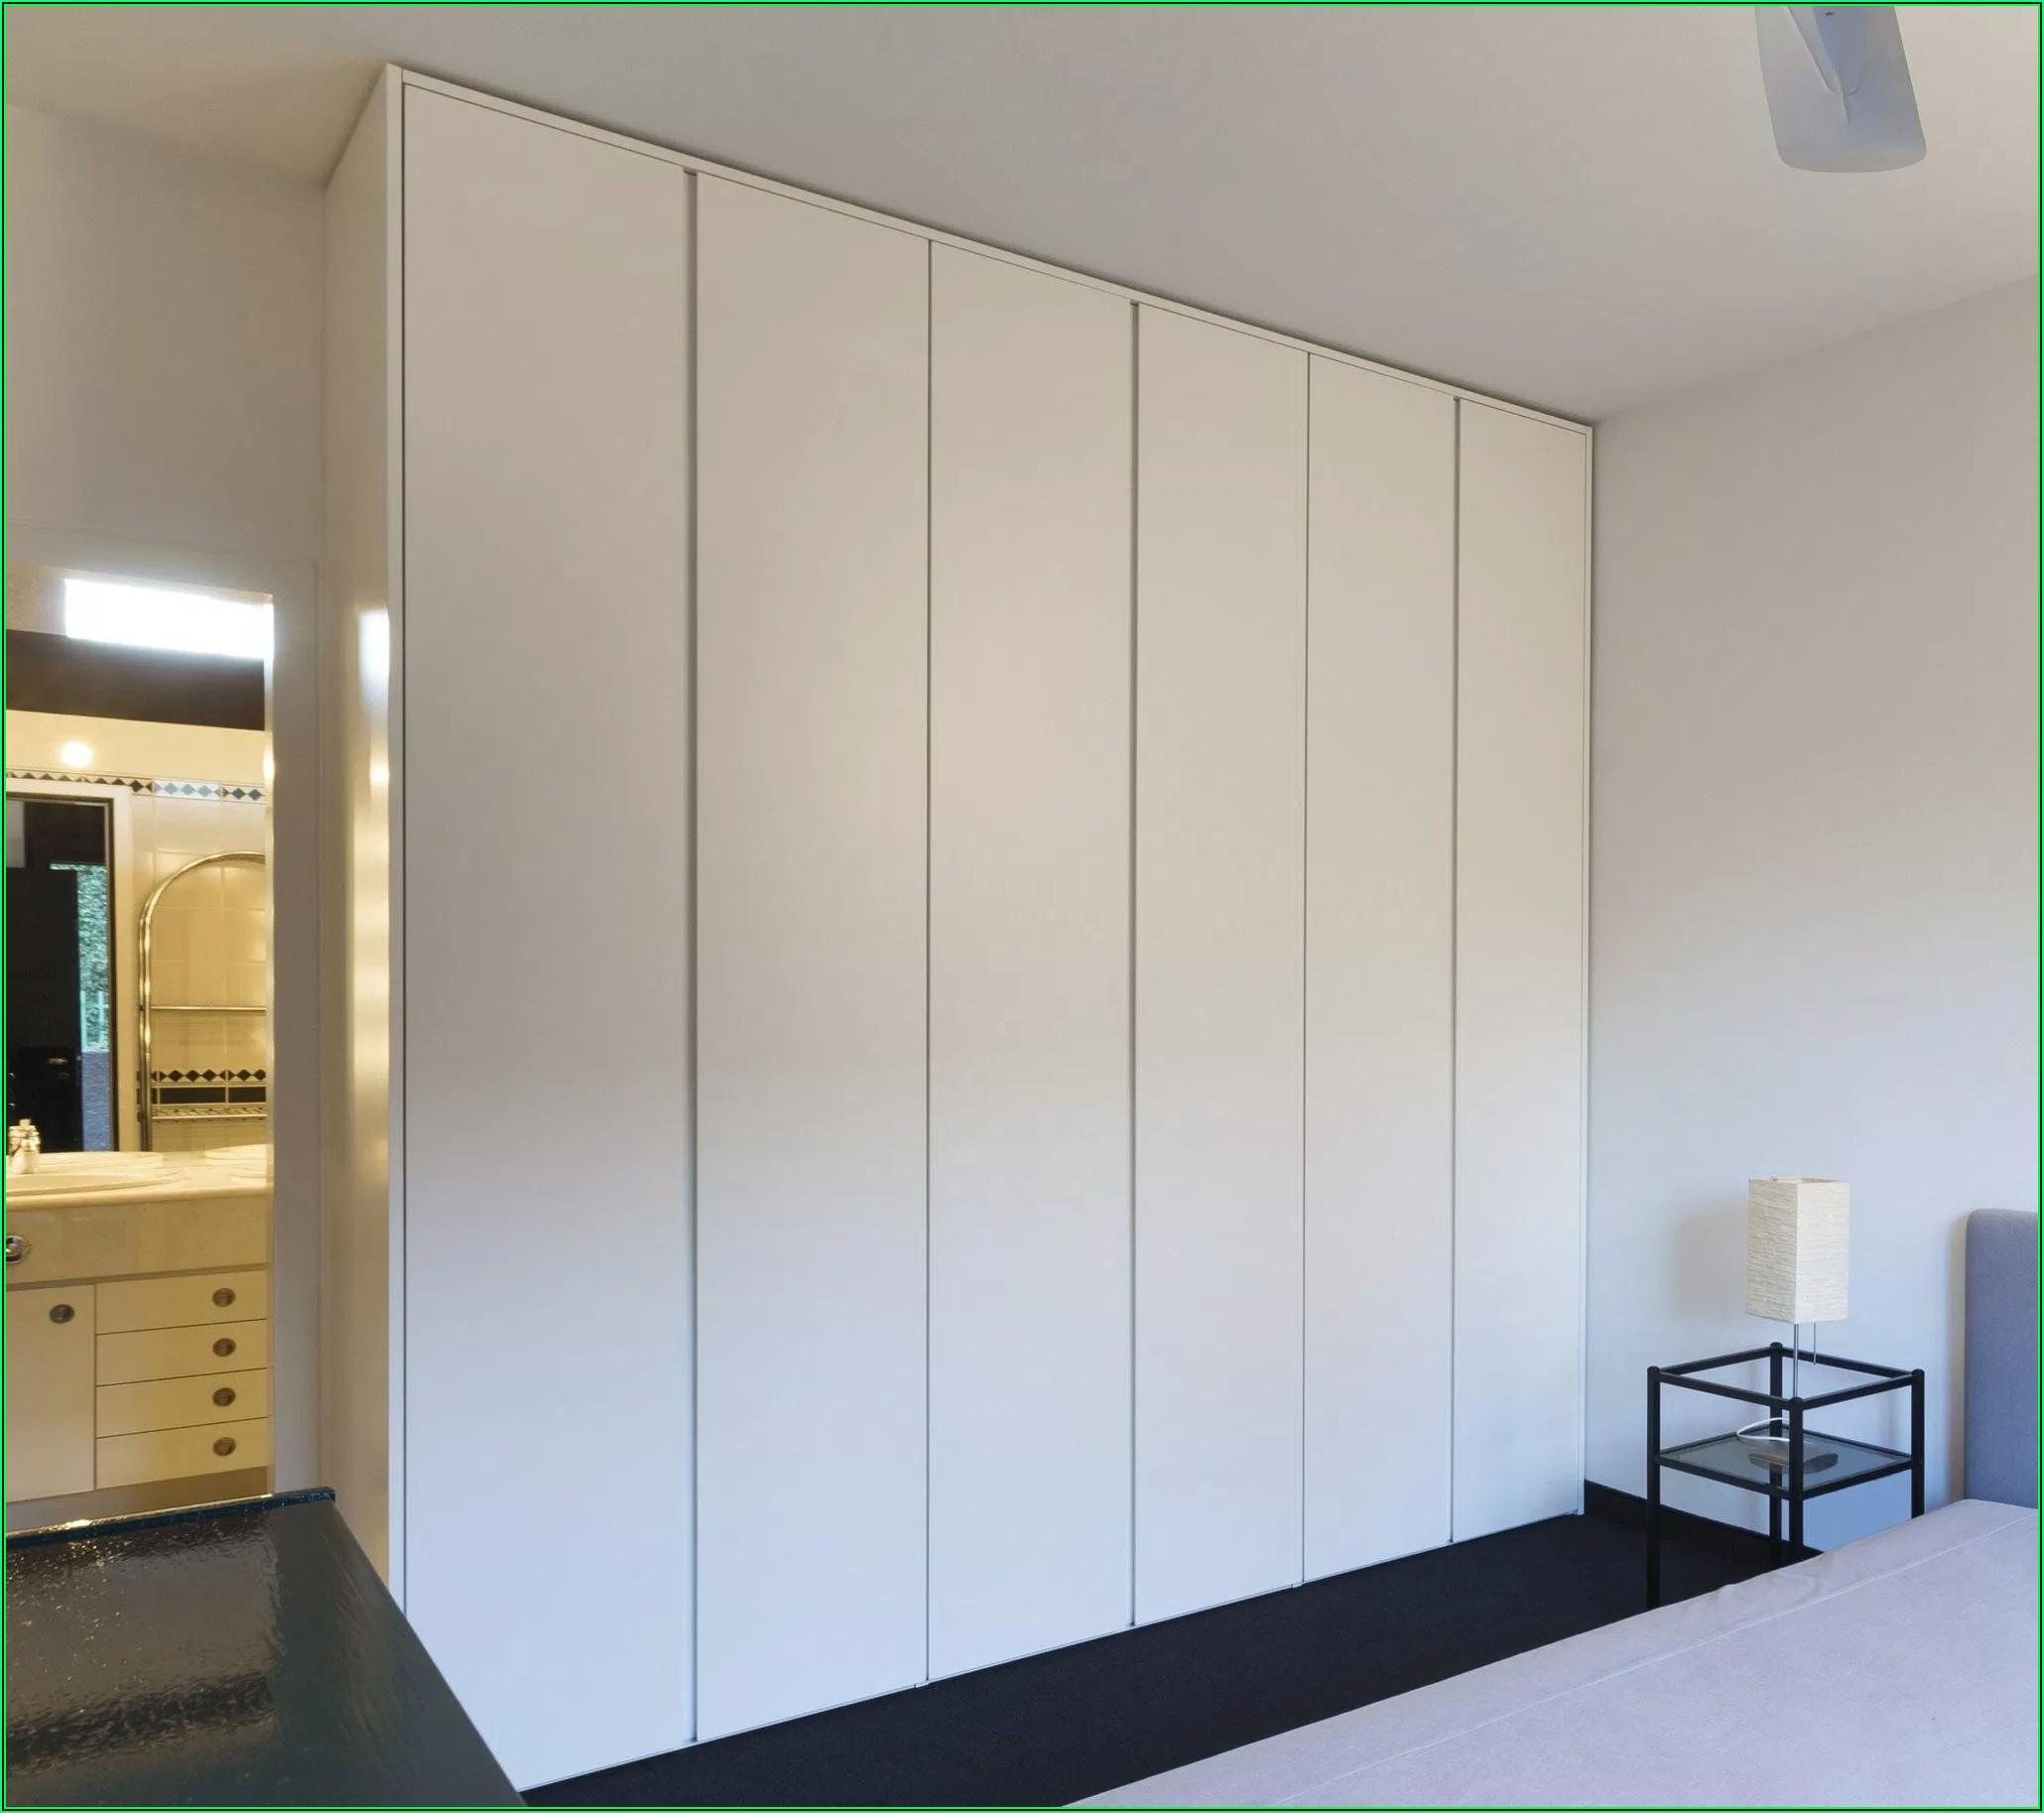 Ikea Schlafzimmerschrank Pax Konfigurator